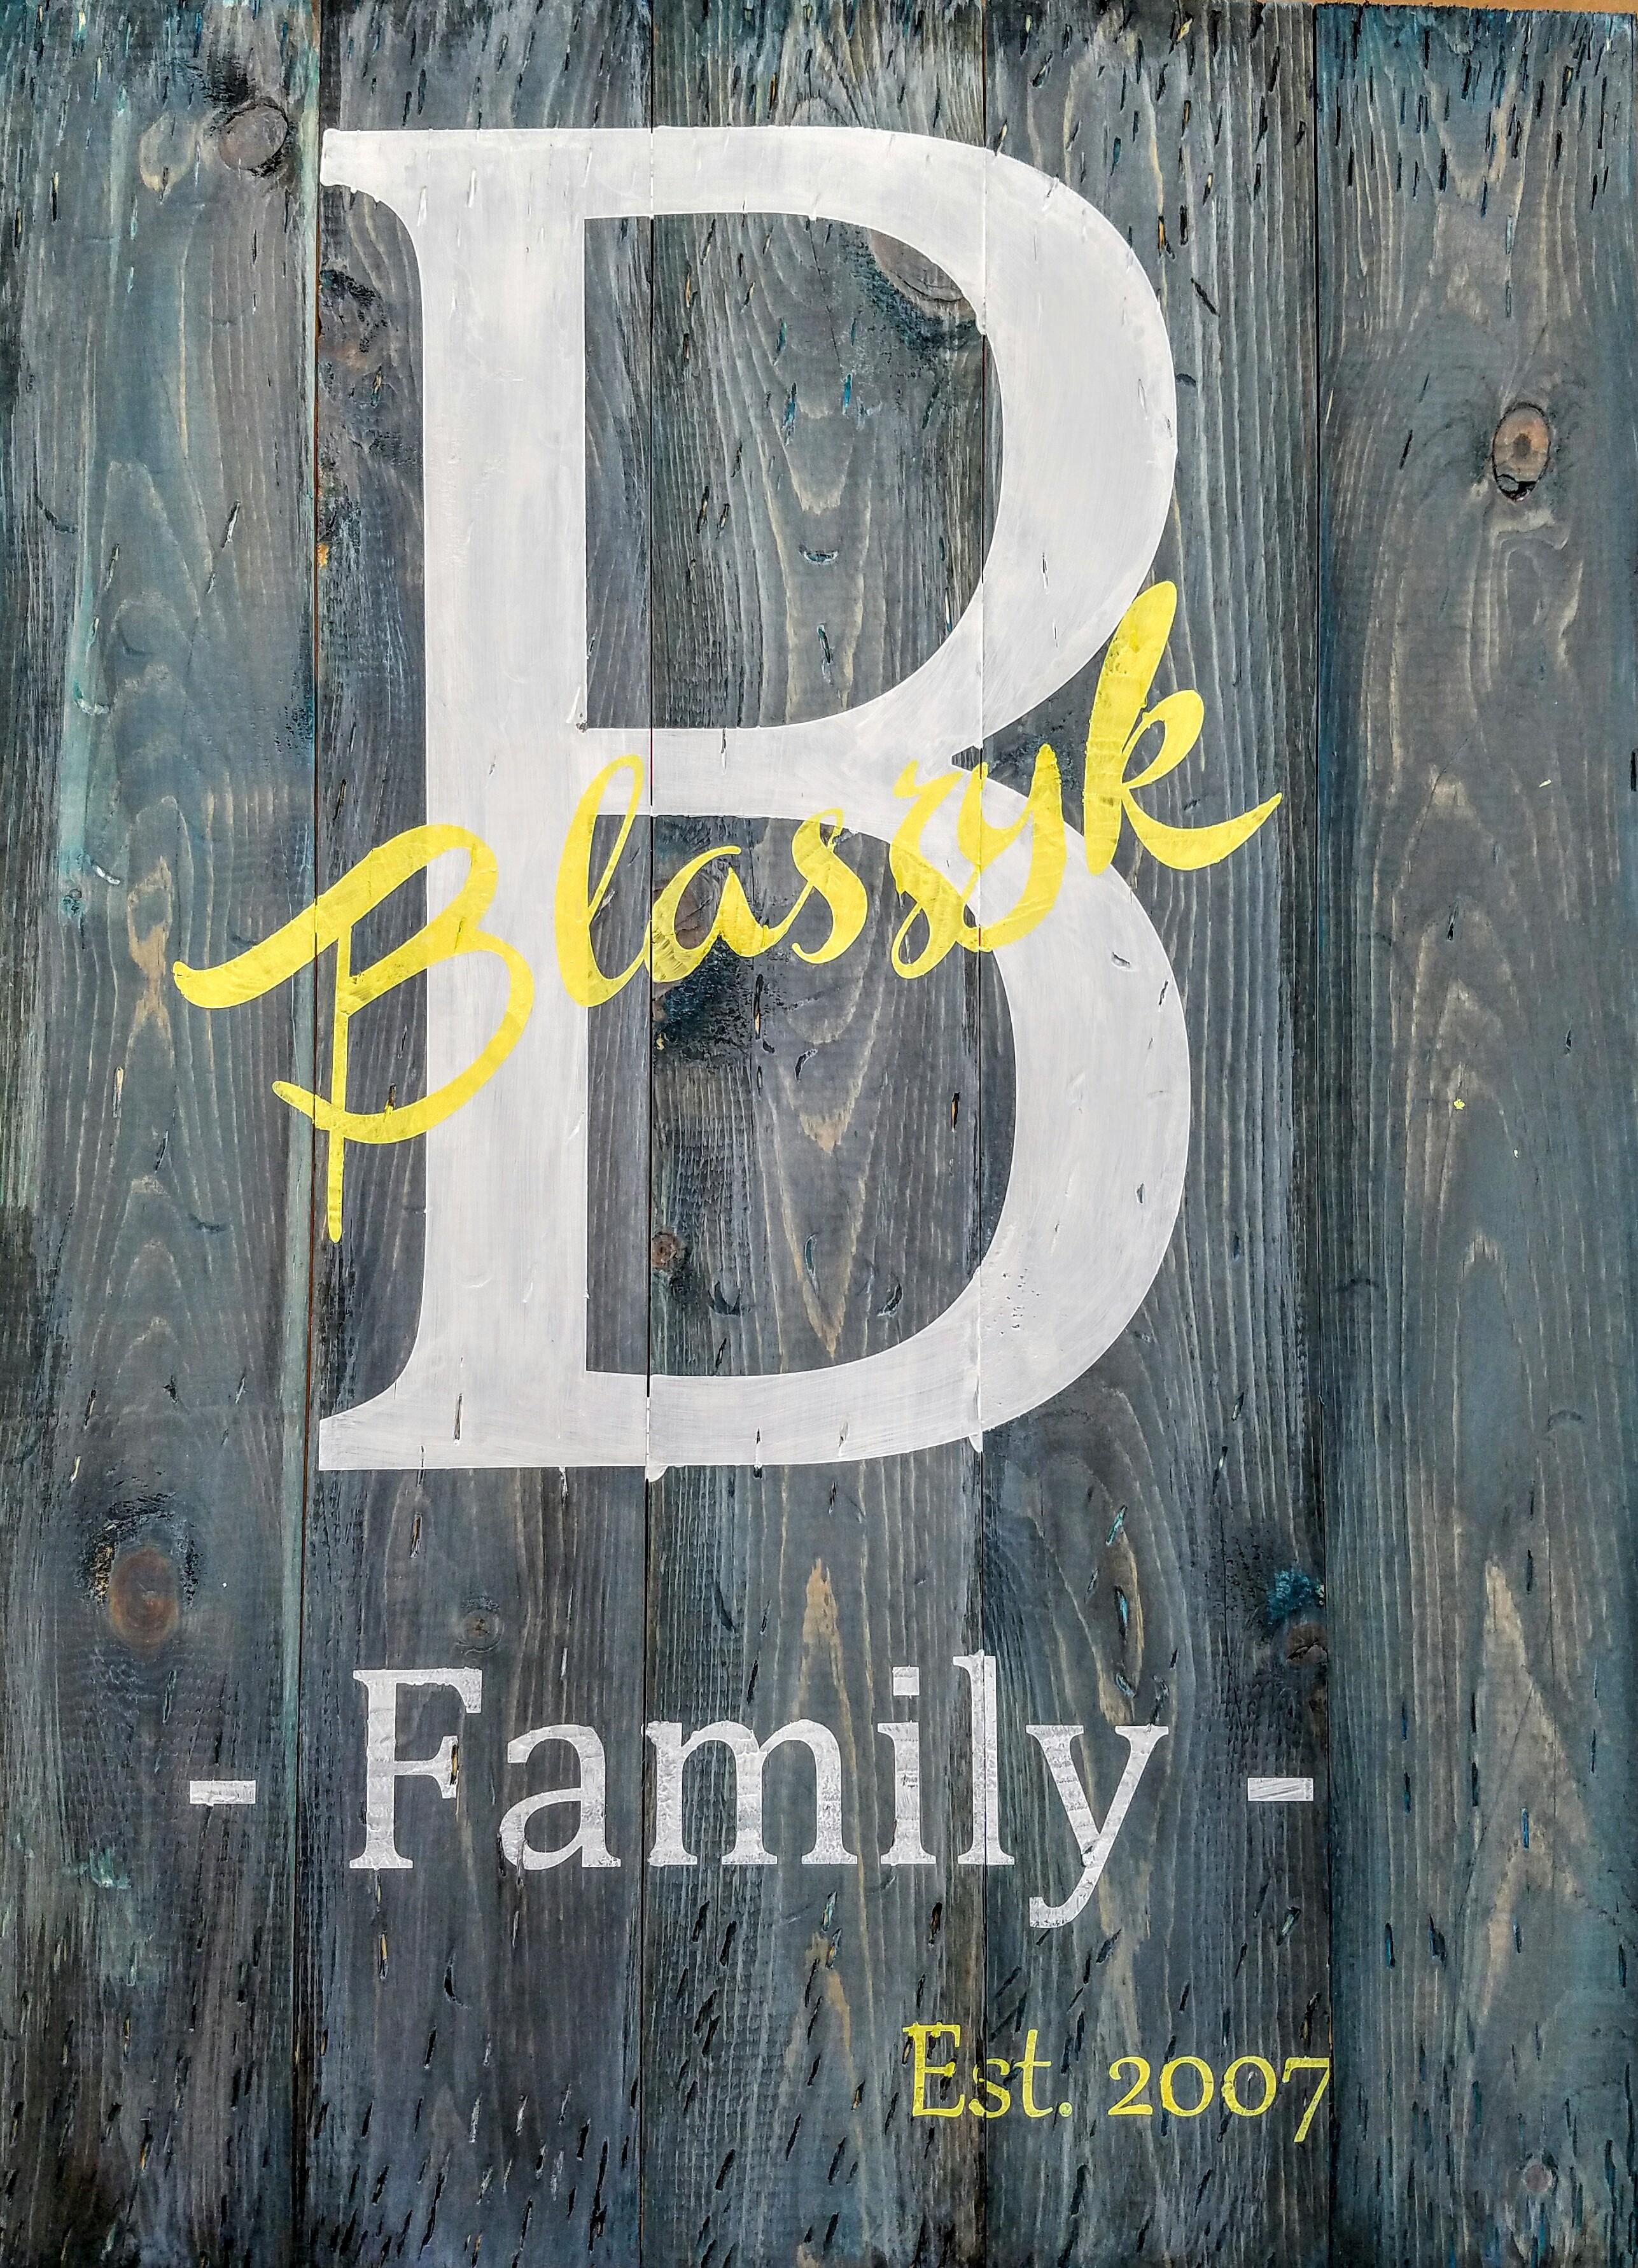 Family Last Name